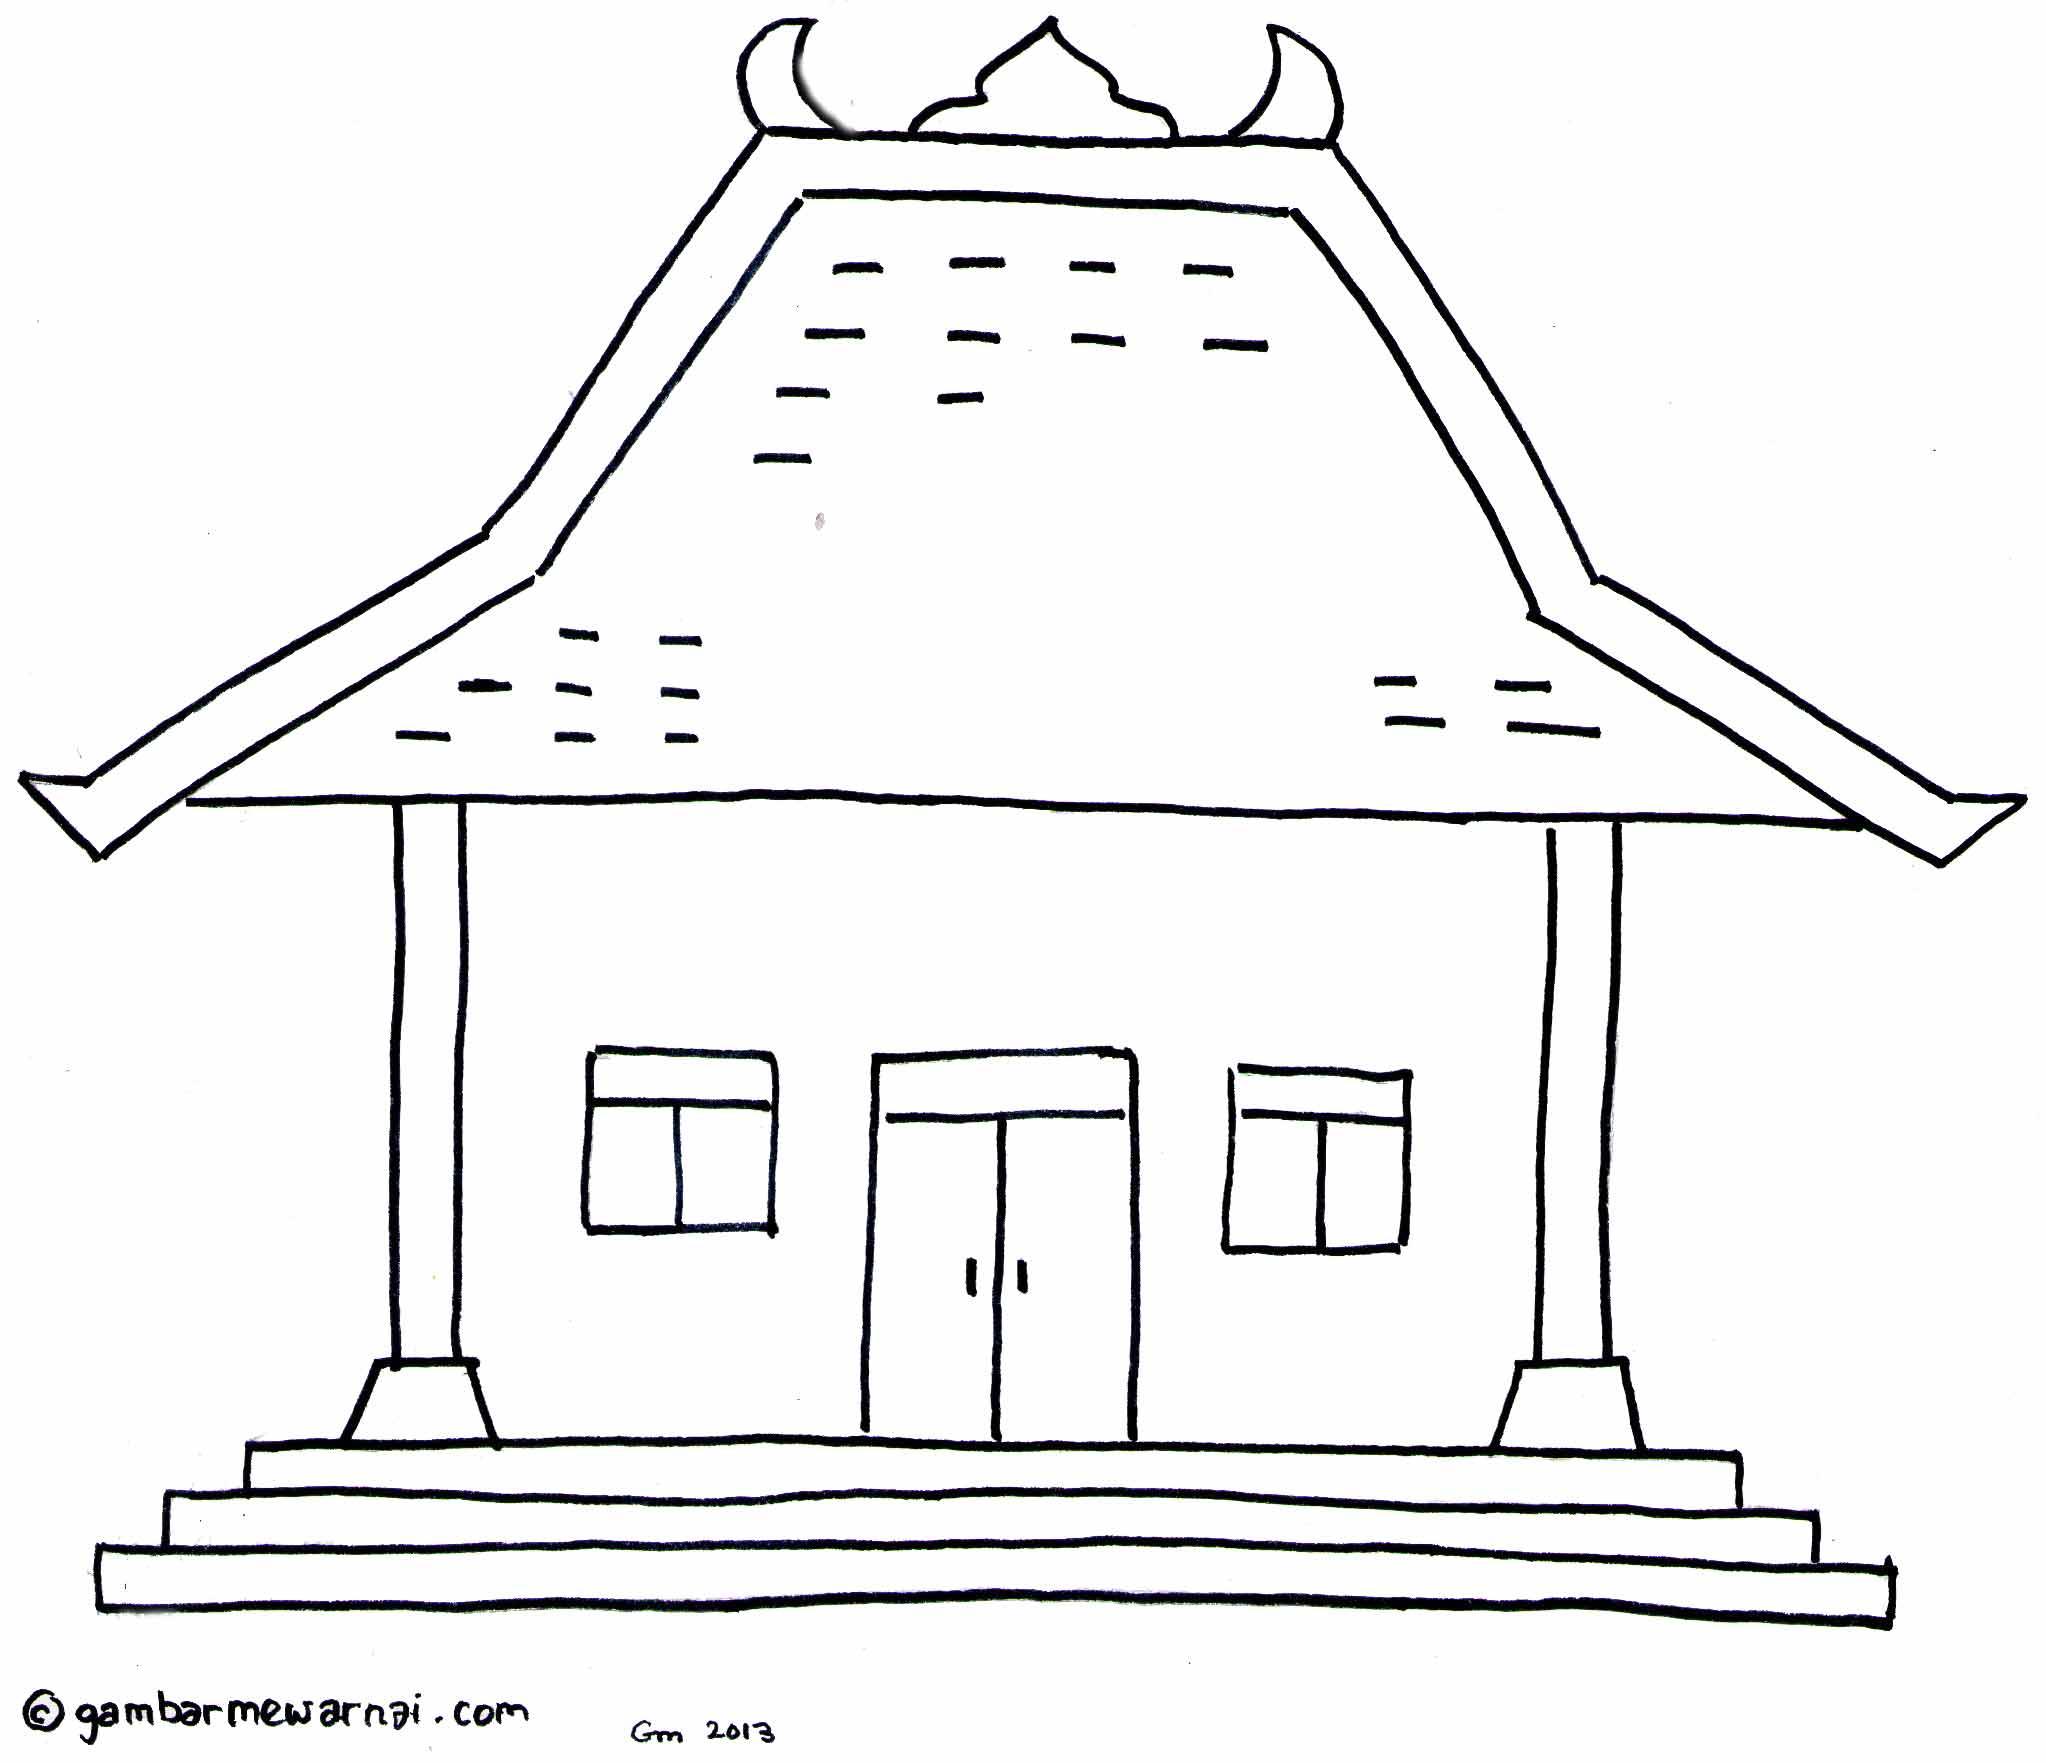 Gambar Kartun Rumah Adat Mewarnai Rumah Adat Minangkabau Gambar